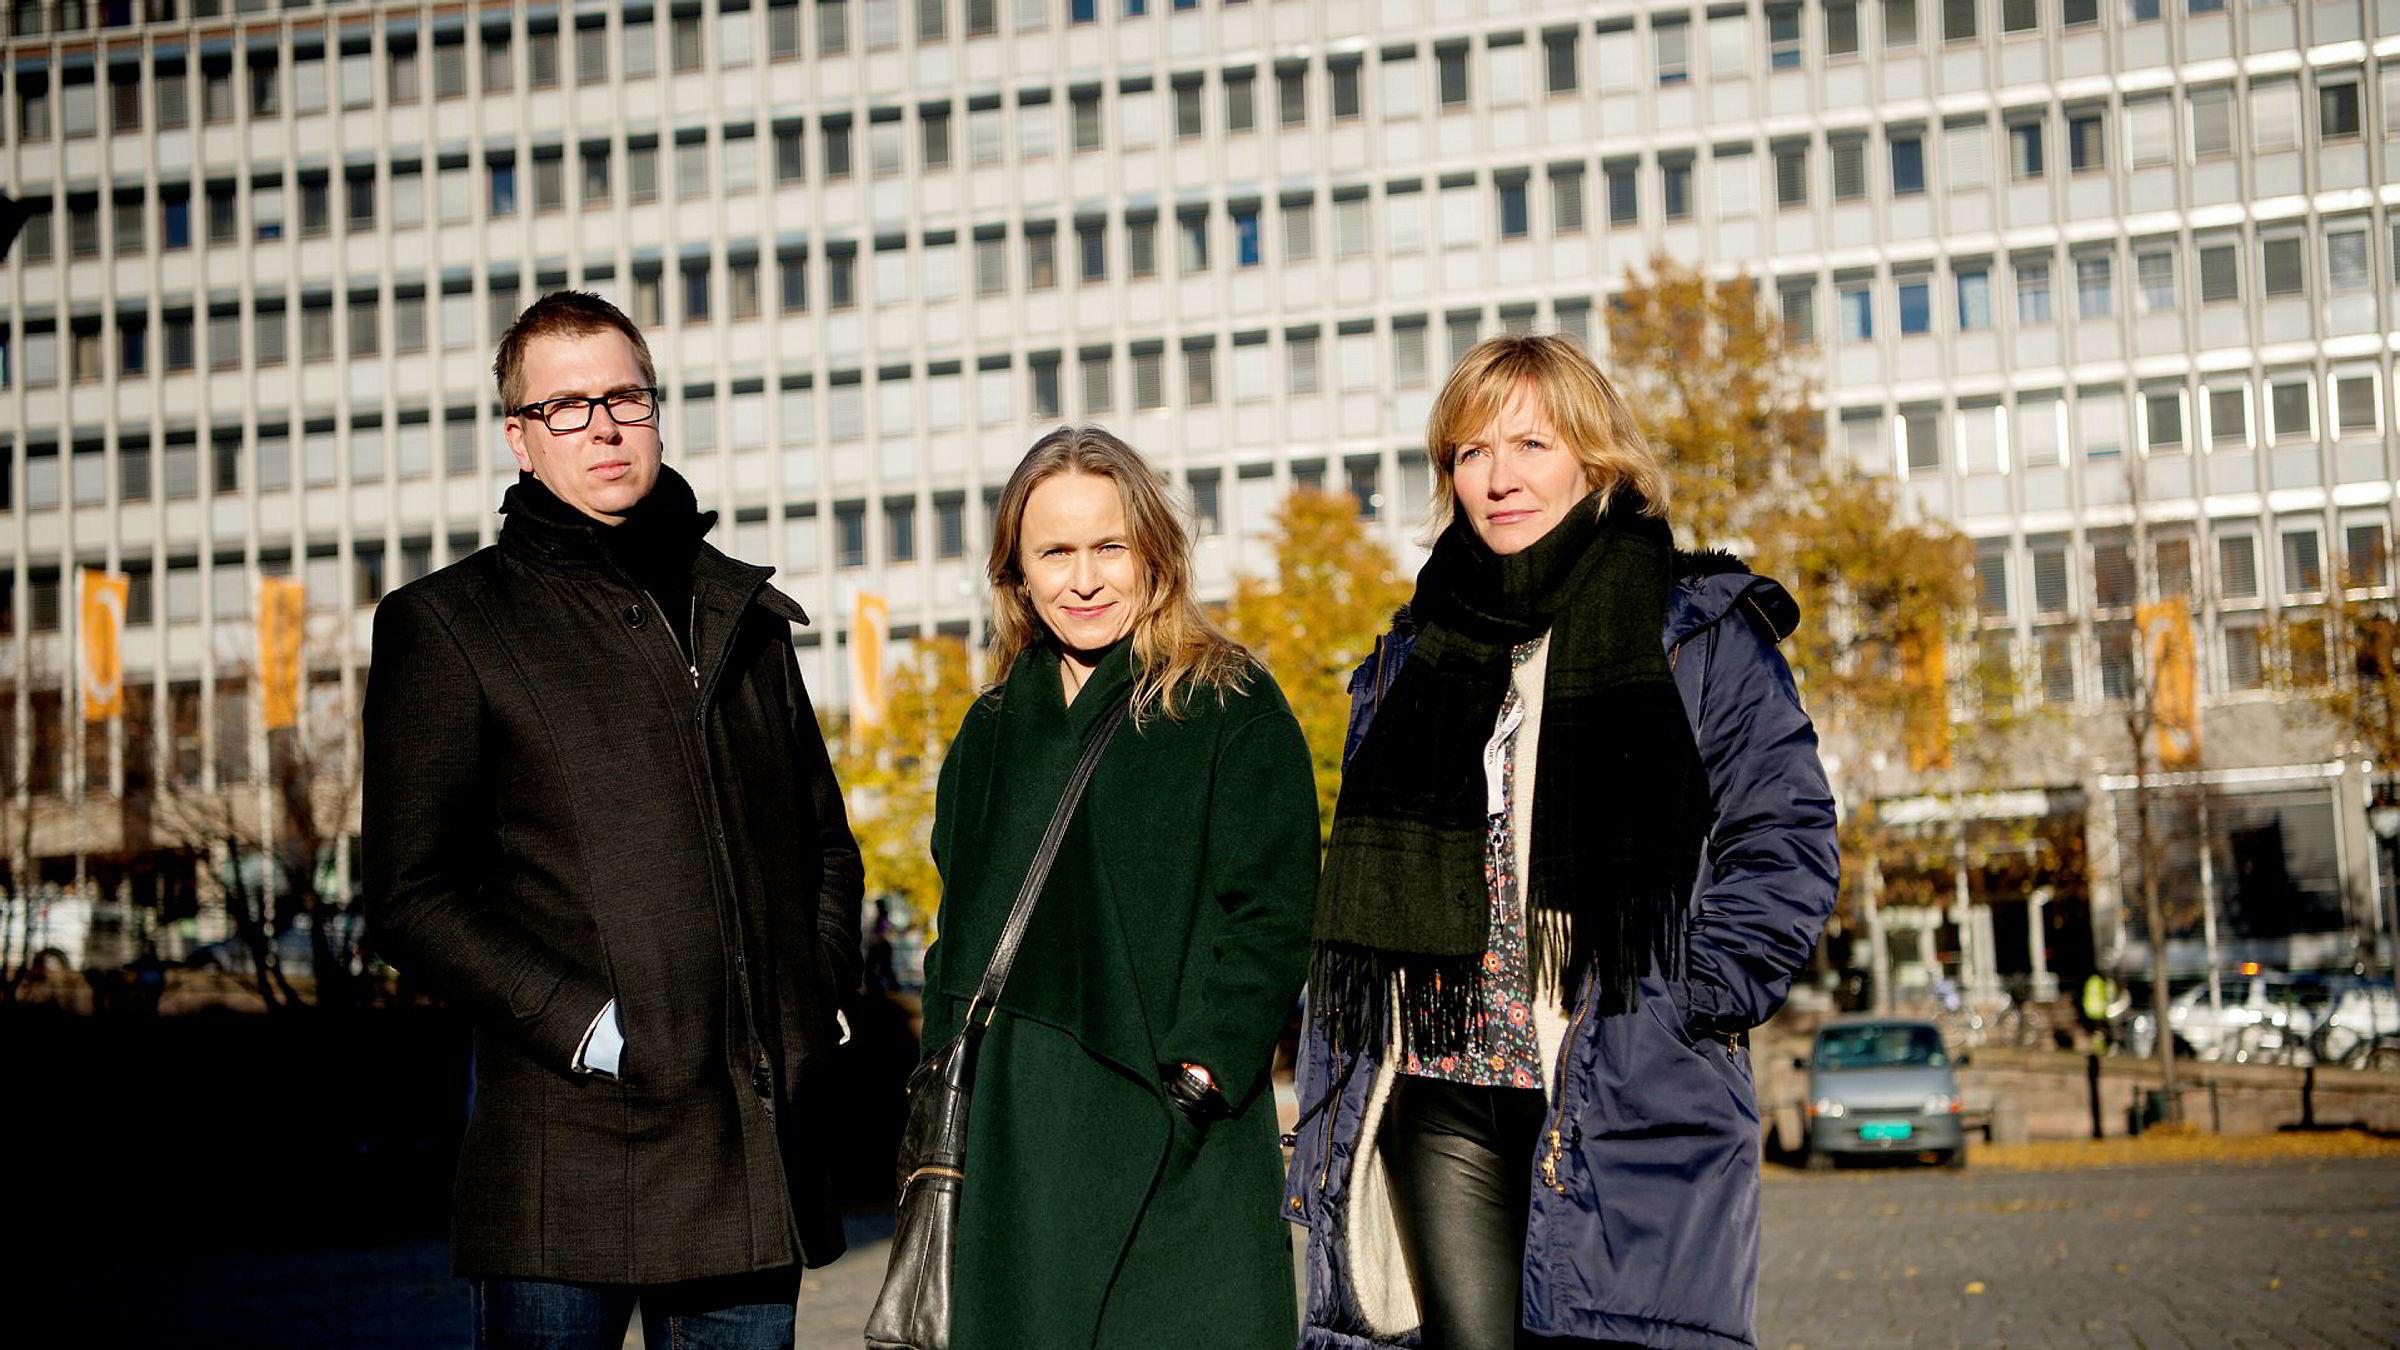 Sjefredaktør Eirik Hoff Lysholm i Dagsavisen, sjefredakøtr Irene Halvorsen i Nationen og sjefredaktør Åshild Mathisen i Vårt Land er alle blant dem som innkasserer mest i pressestøtte i år.